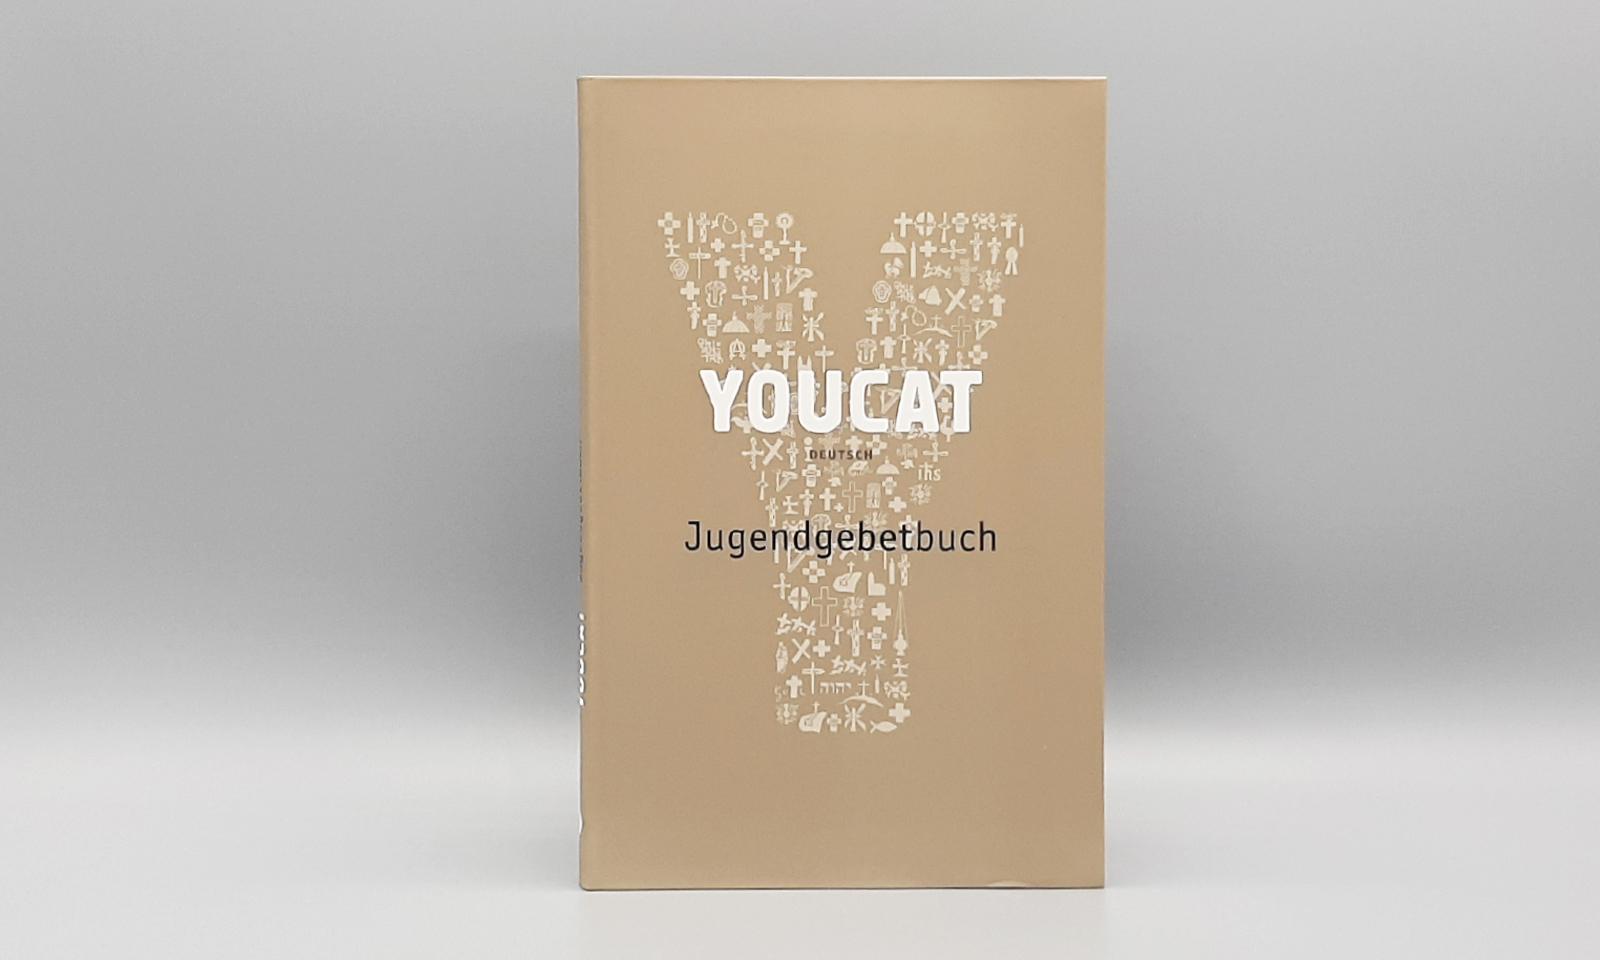 YOUCAT Jugendgebetbuch2